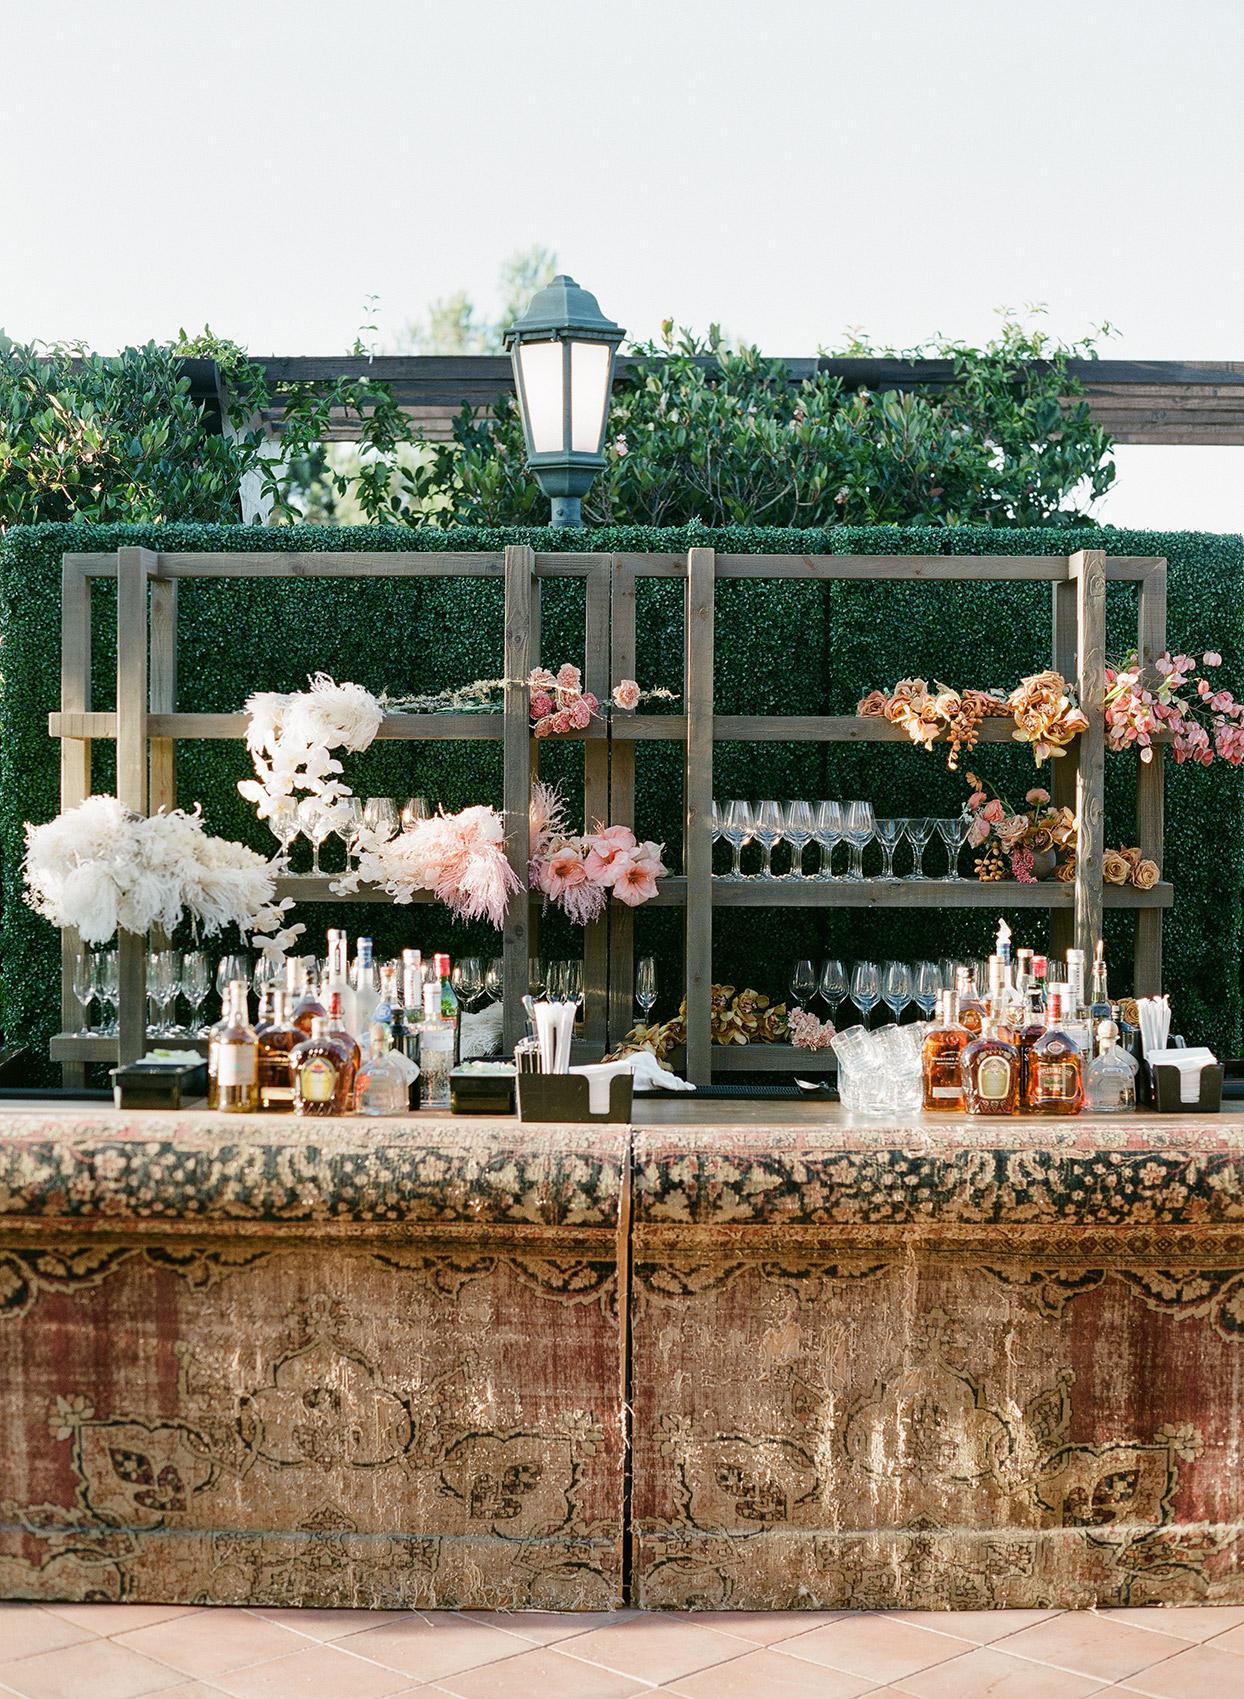 antique bar setup for wedding cocktail hour